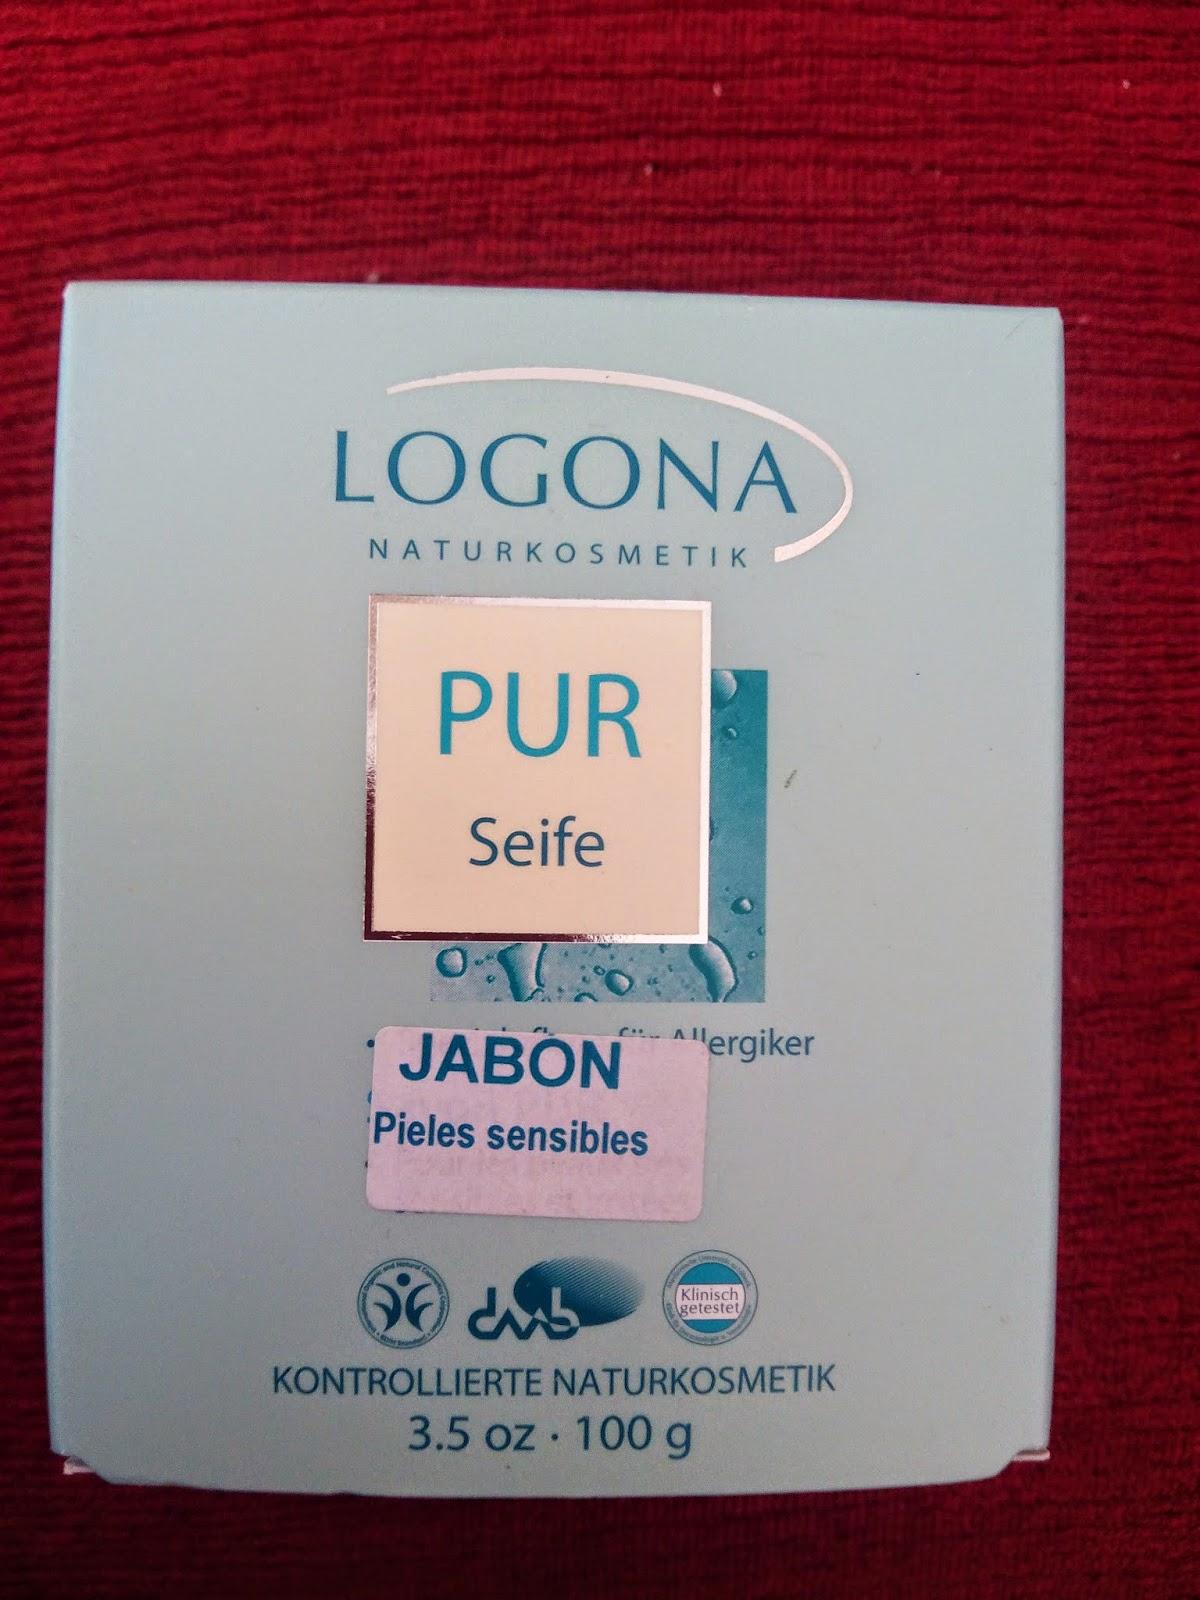 JABON FREE LOGONA